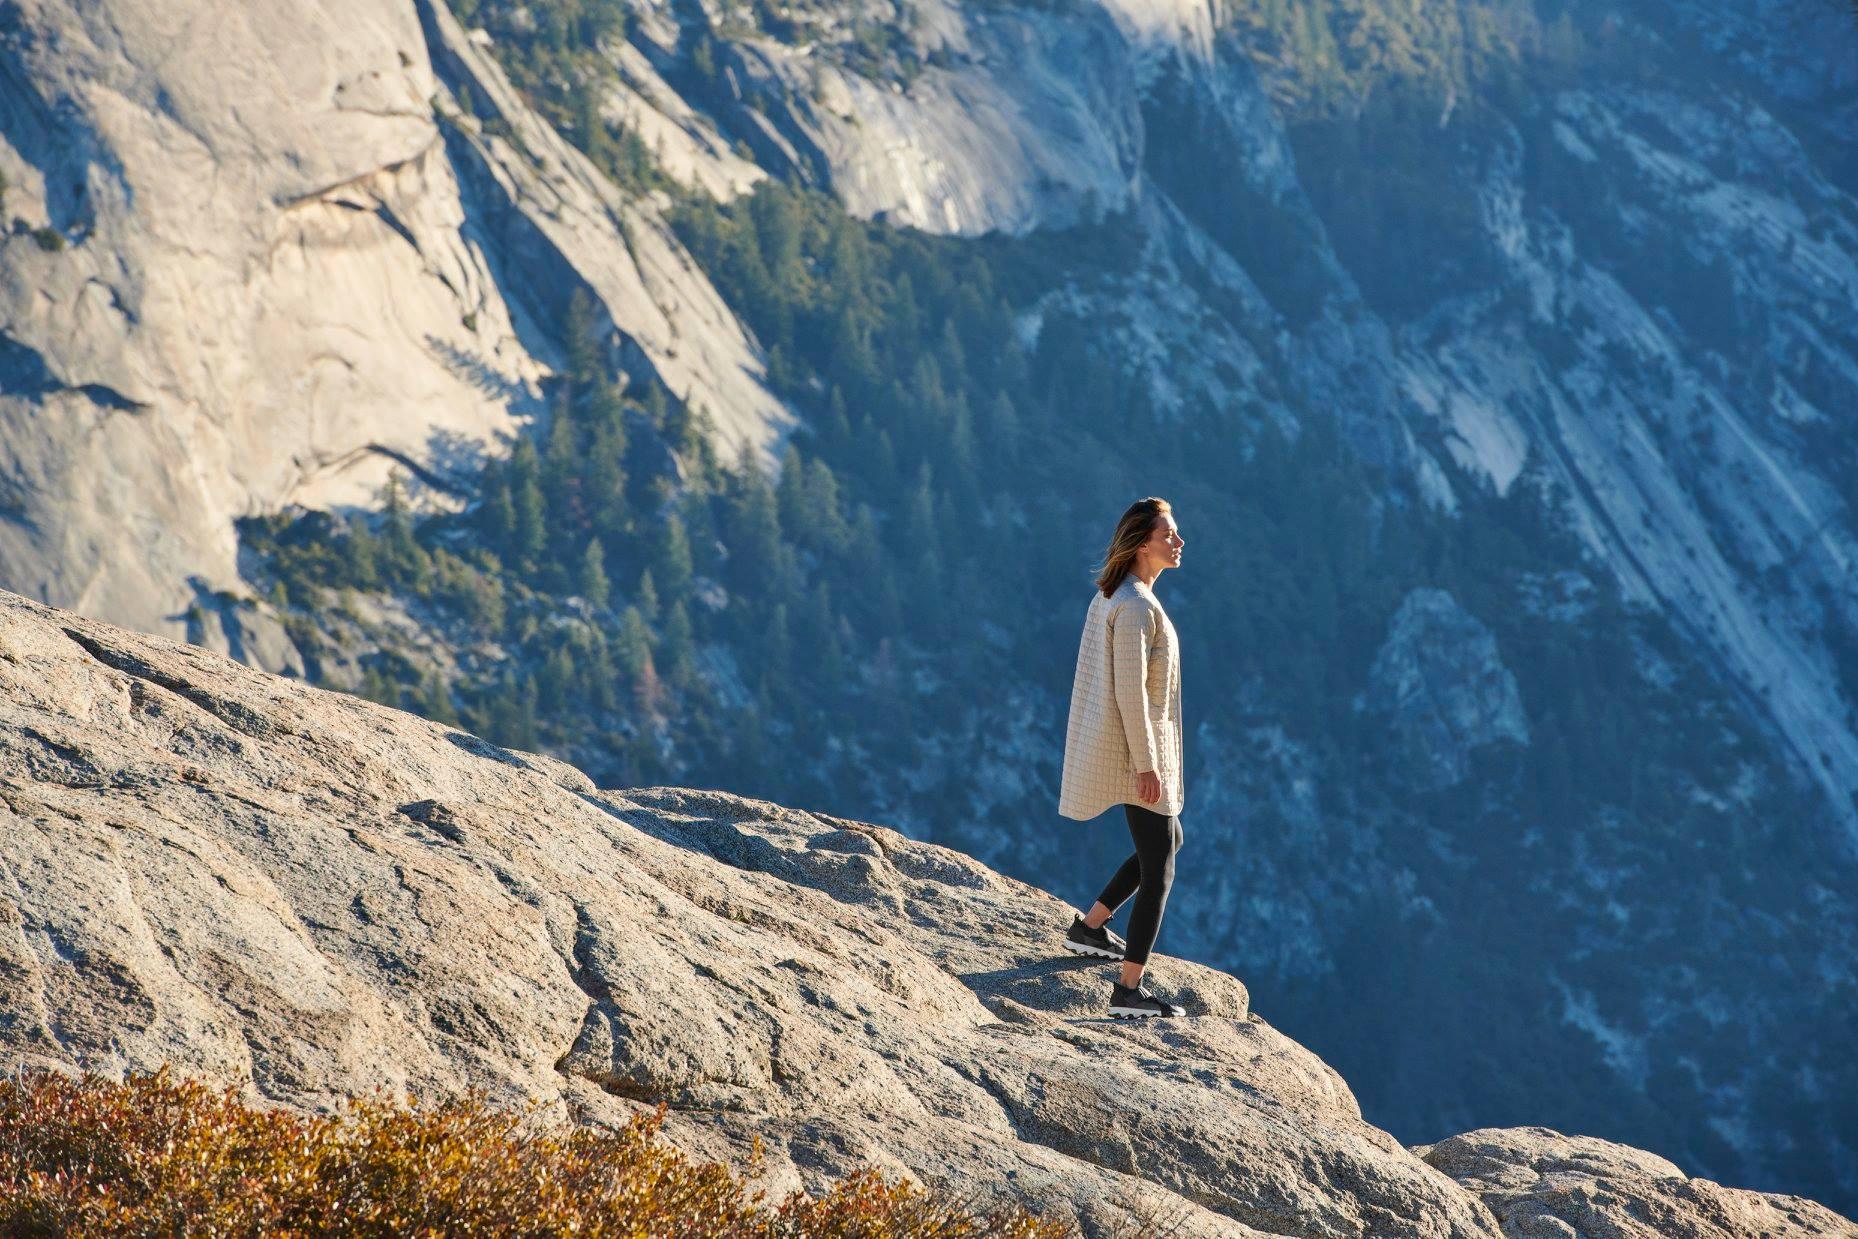 Kaj so proaktivni dnevi počitka in zakaj bi jih morali imeti?